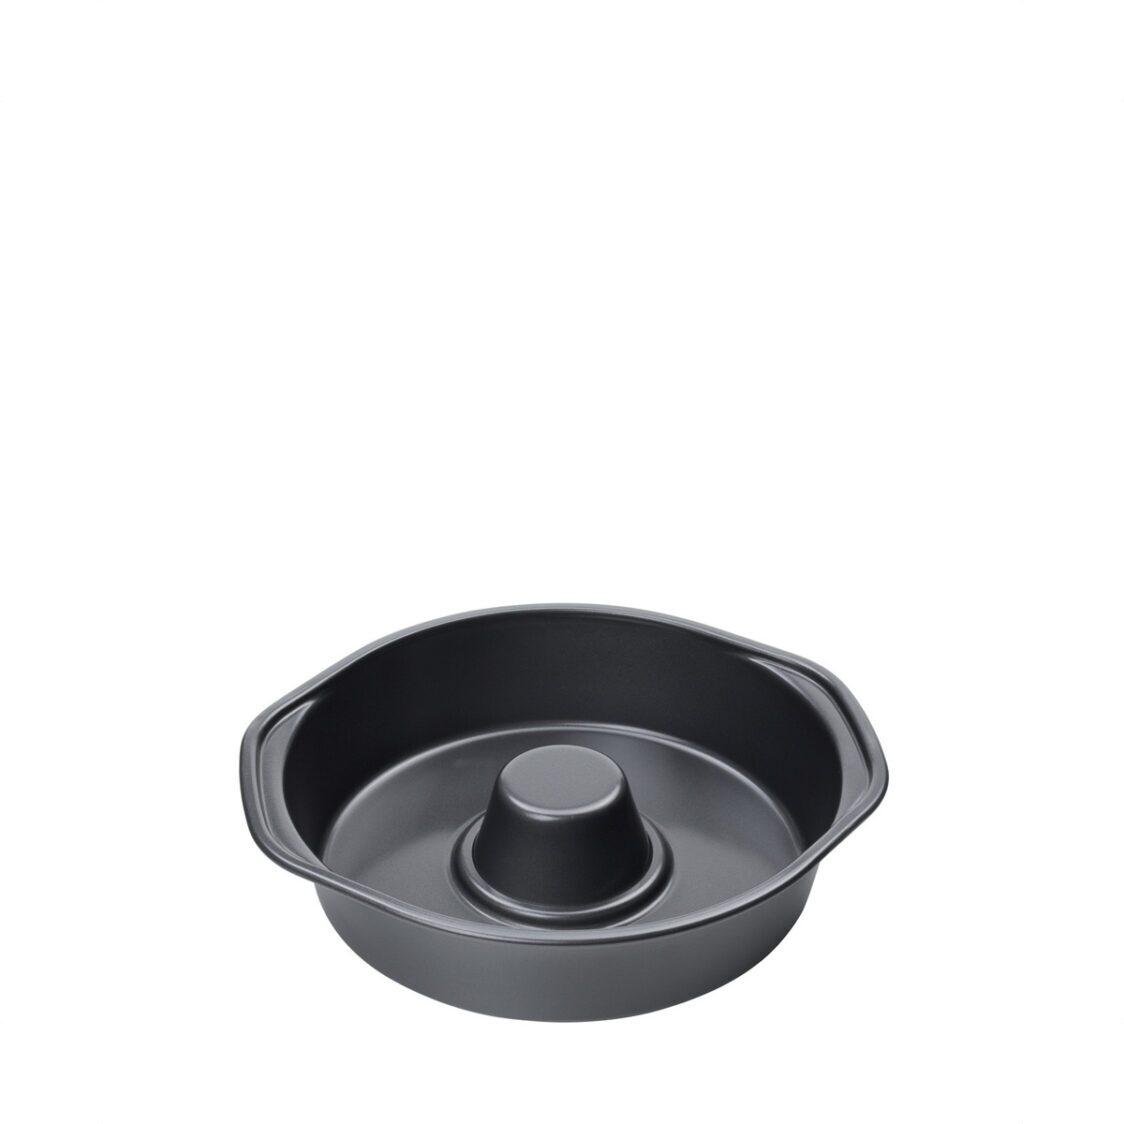 Wiltshire Easybake Ring Cake Pan